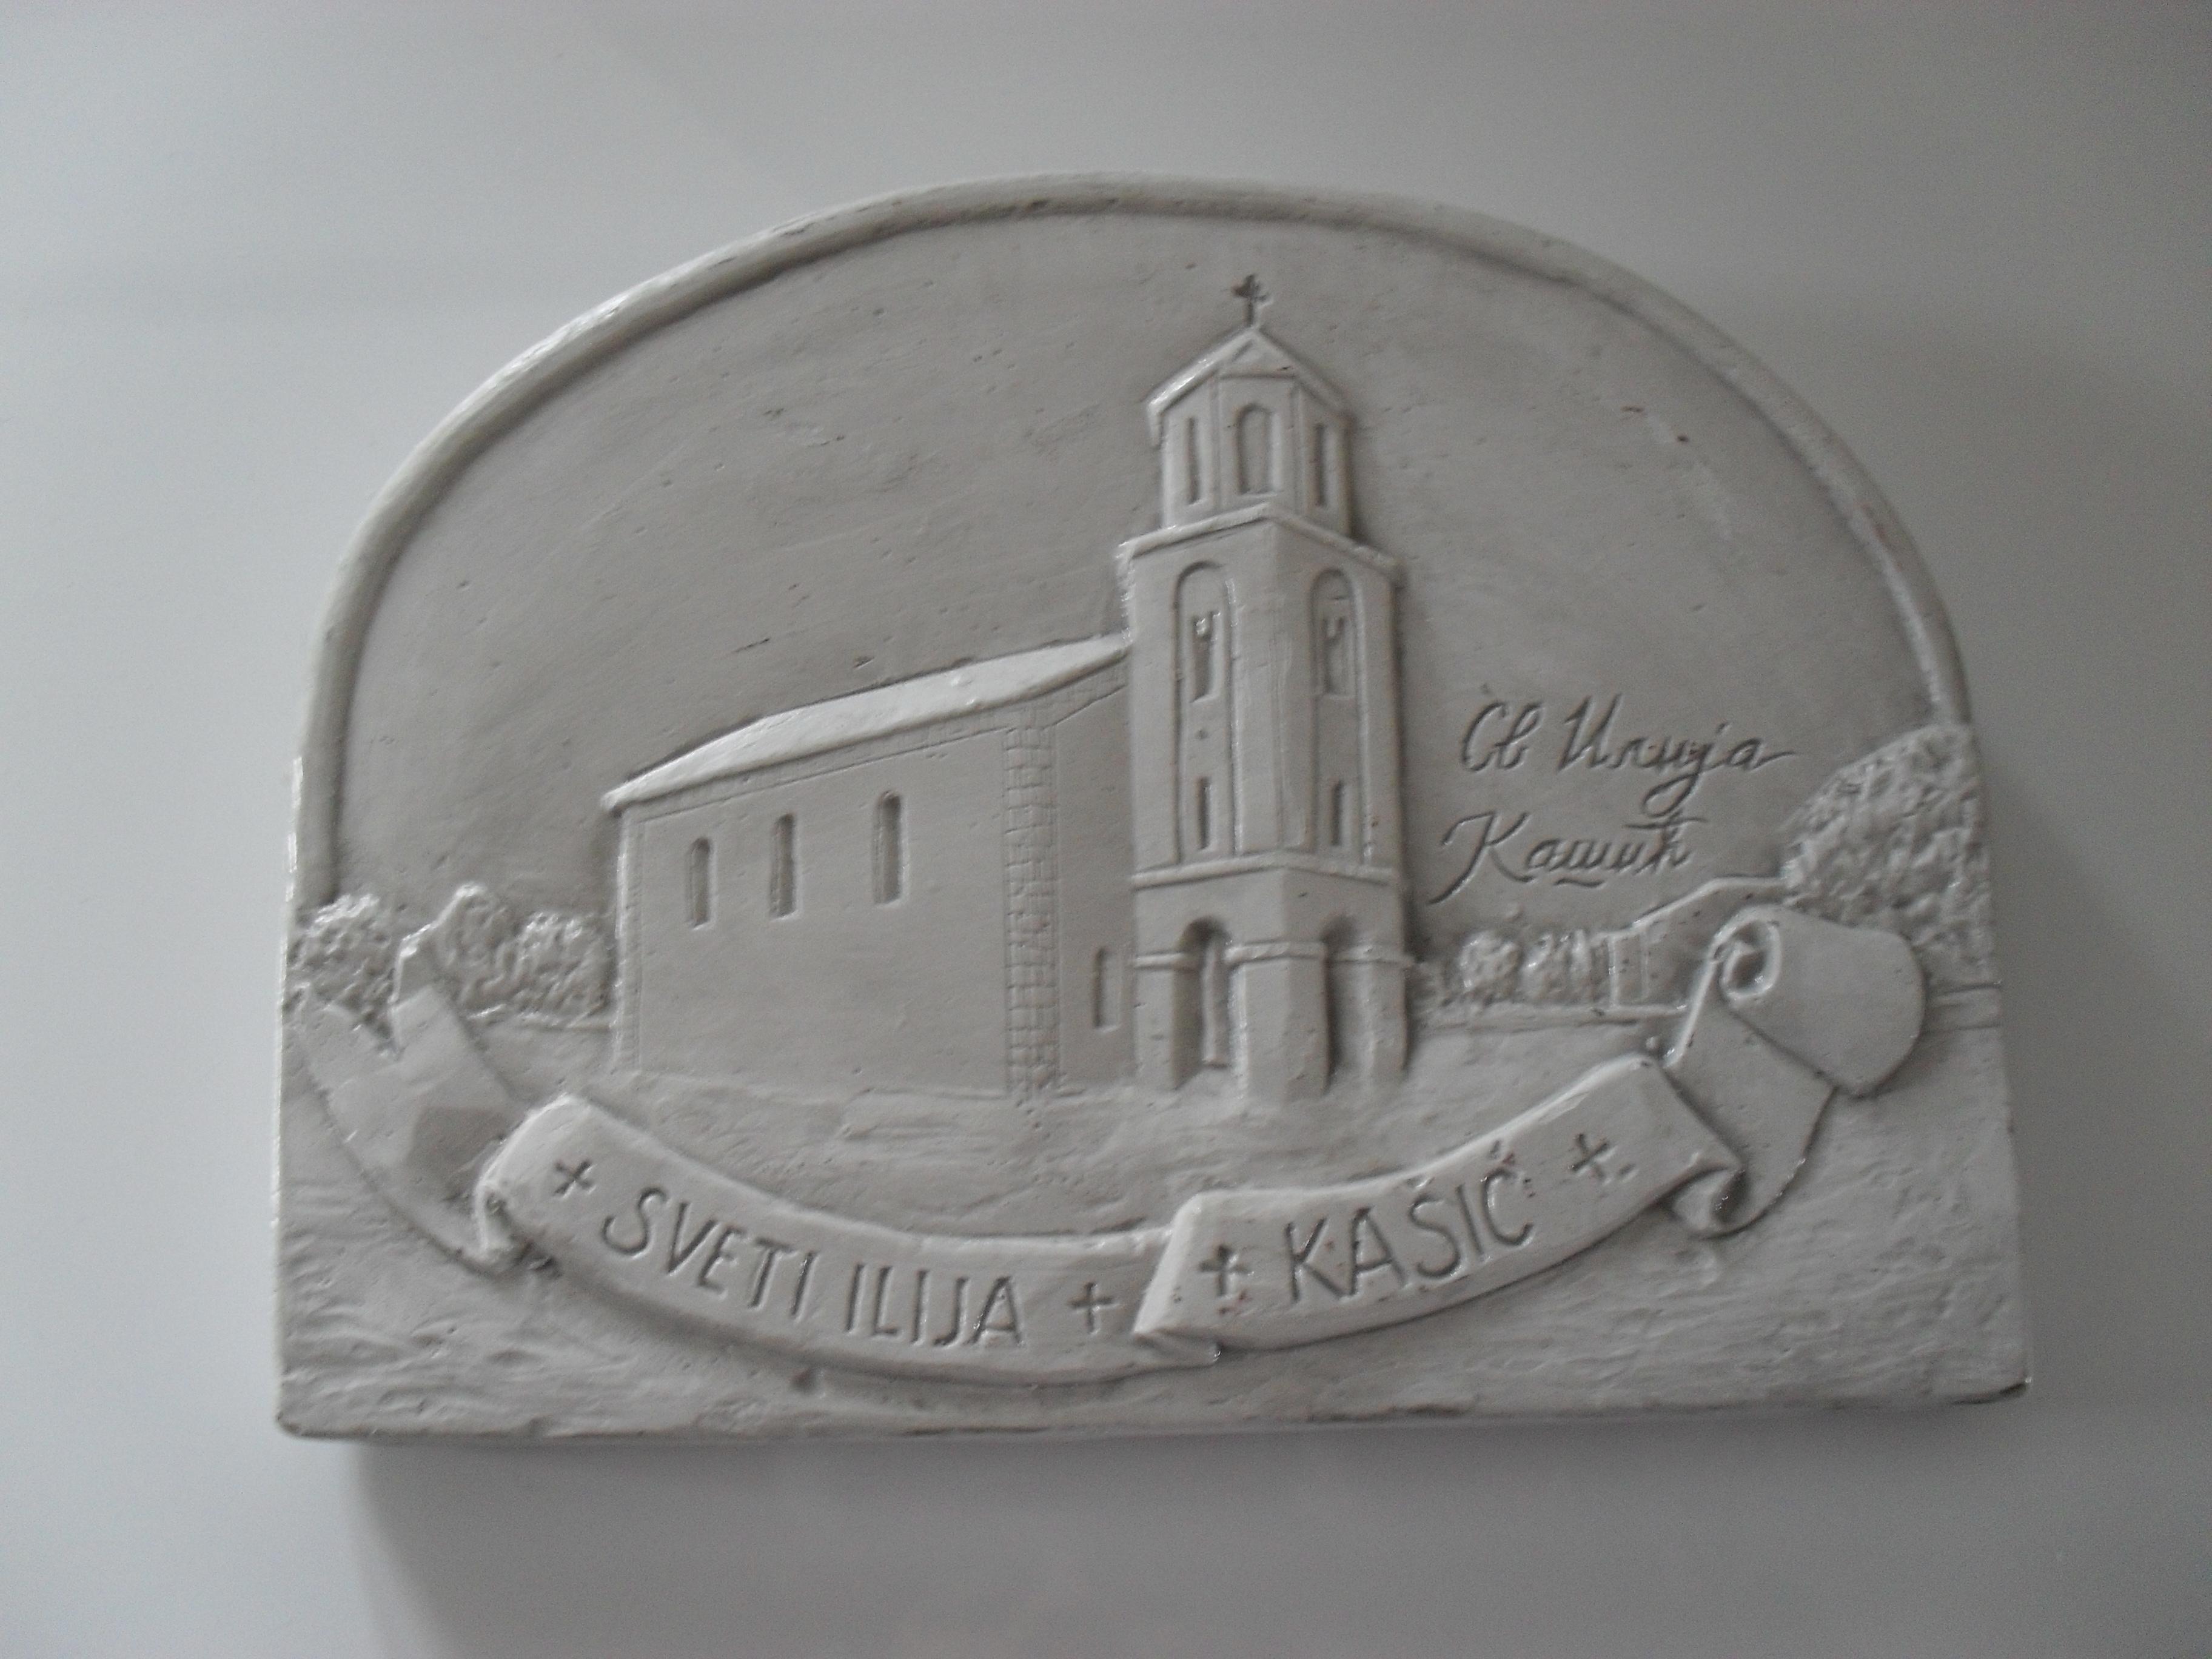 Naziv: Sv. Ilija Kašić    Dimenzije: š*v= 16 x 12 cm    Napomena: Pozadi se nalazi  zakačka za kačenje na zid